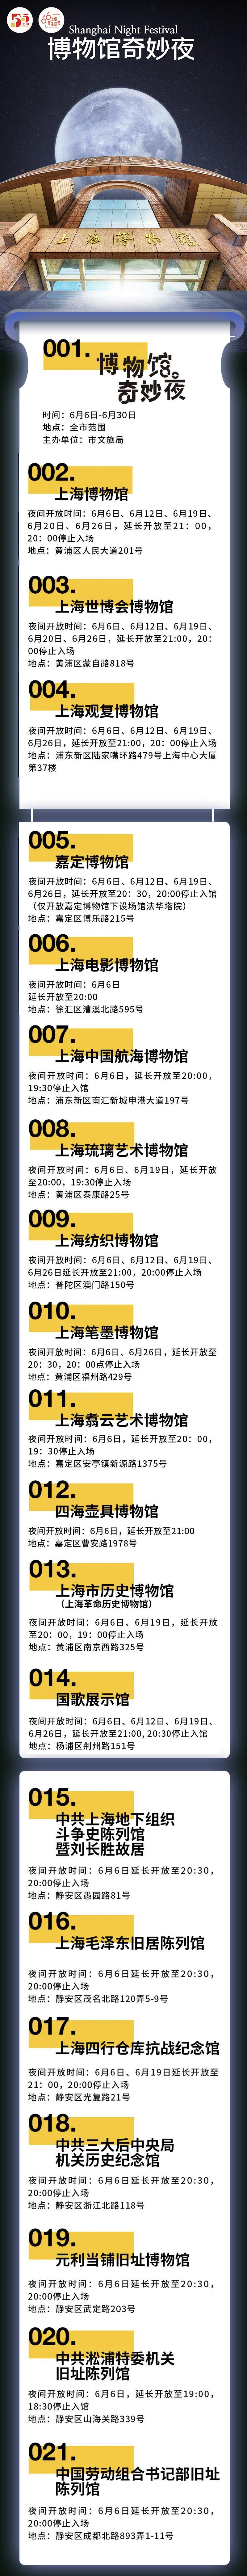 微信图片_20200606140426.jpg